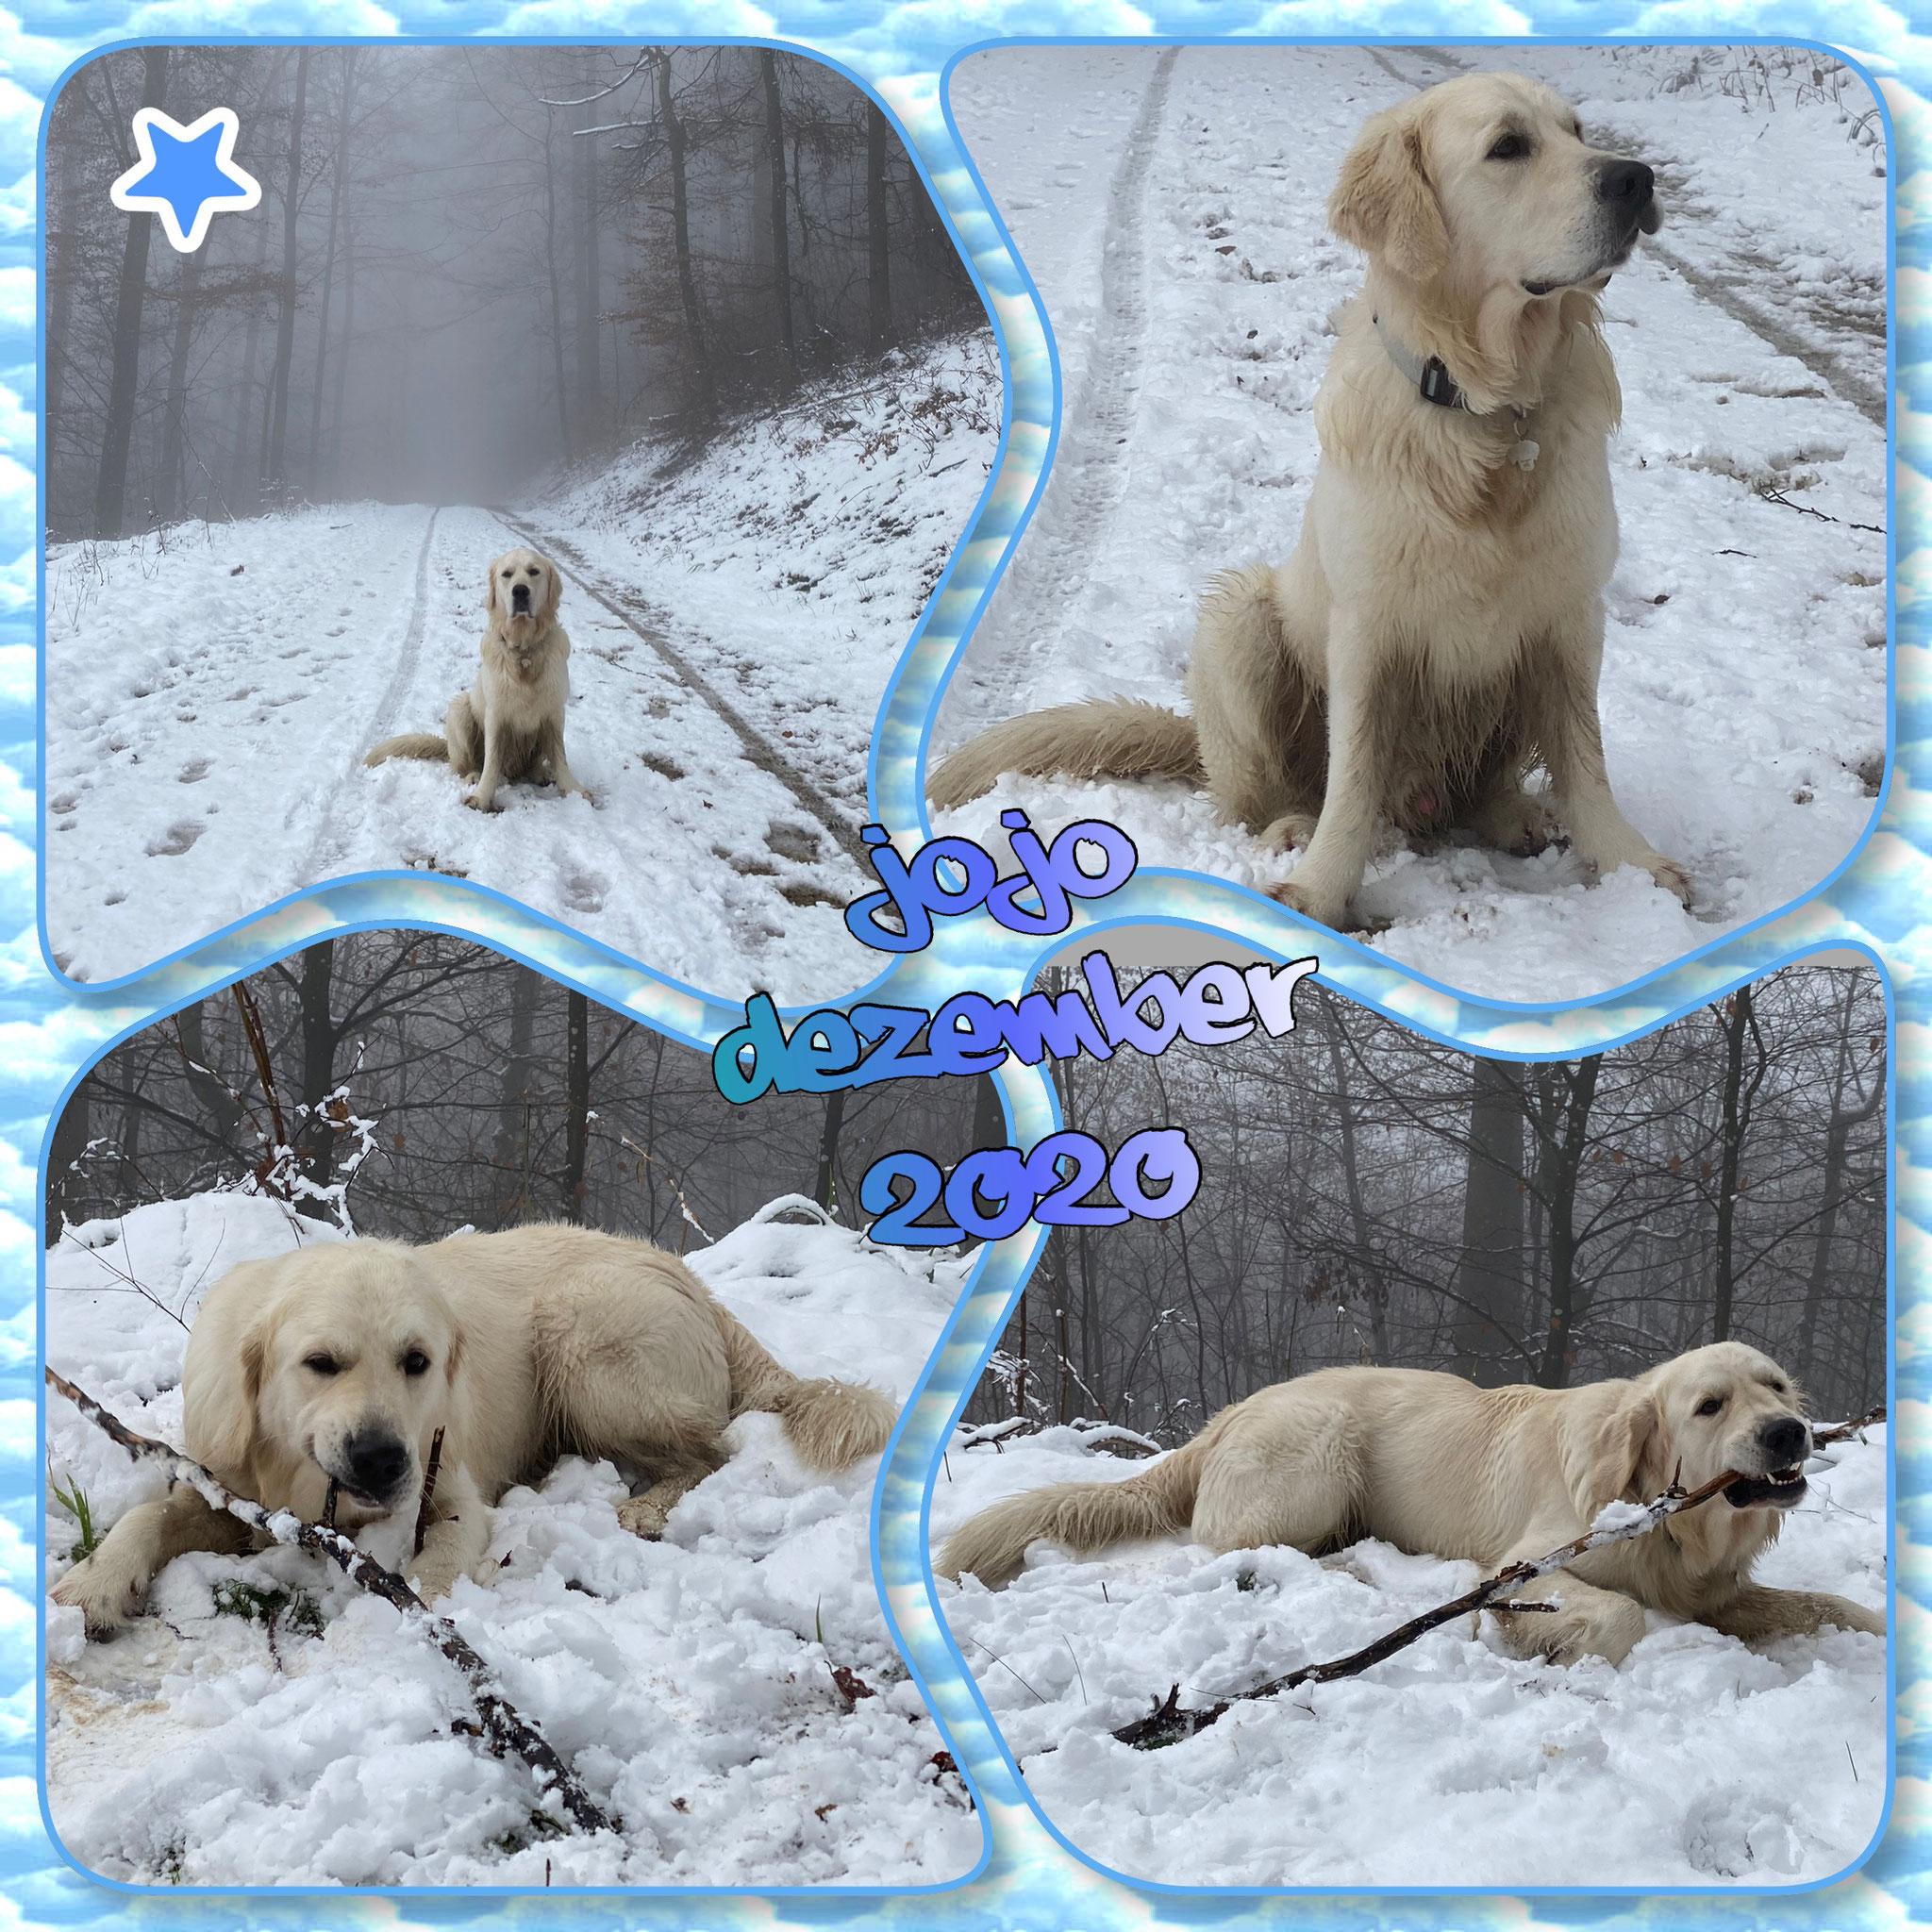 Endlich Schnee!! Da fängt die Lebeensfreude doch an!!